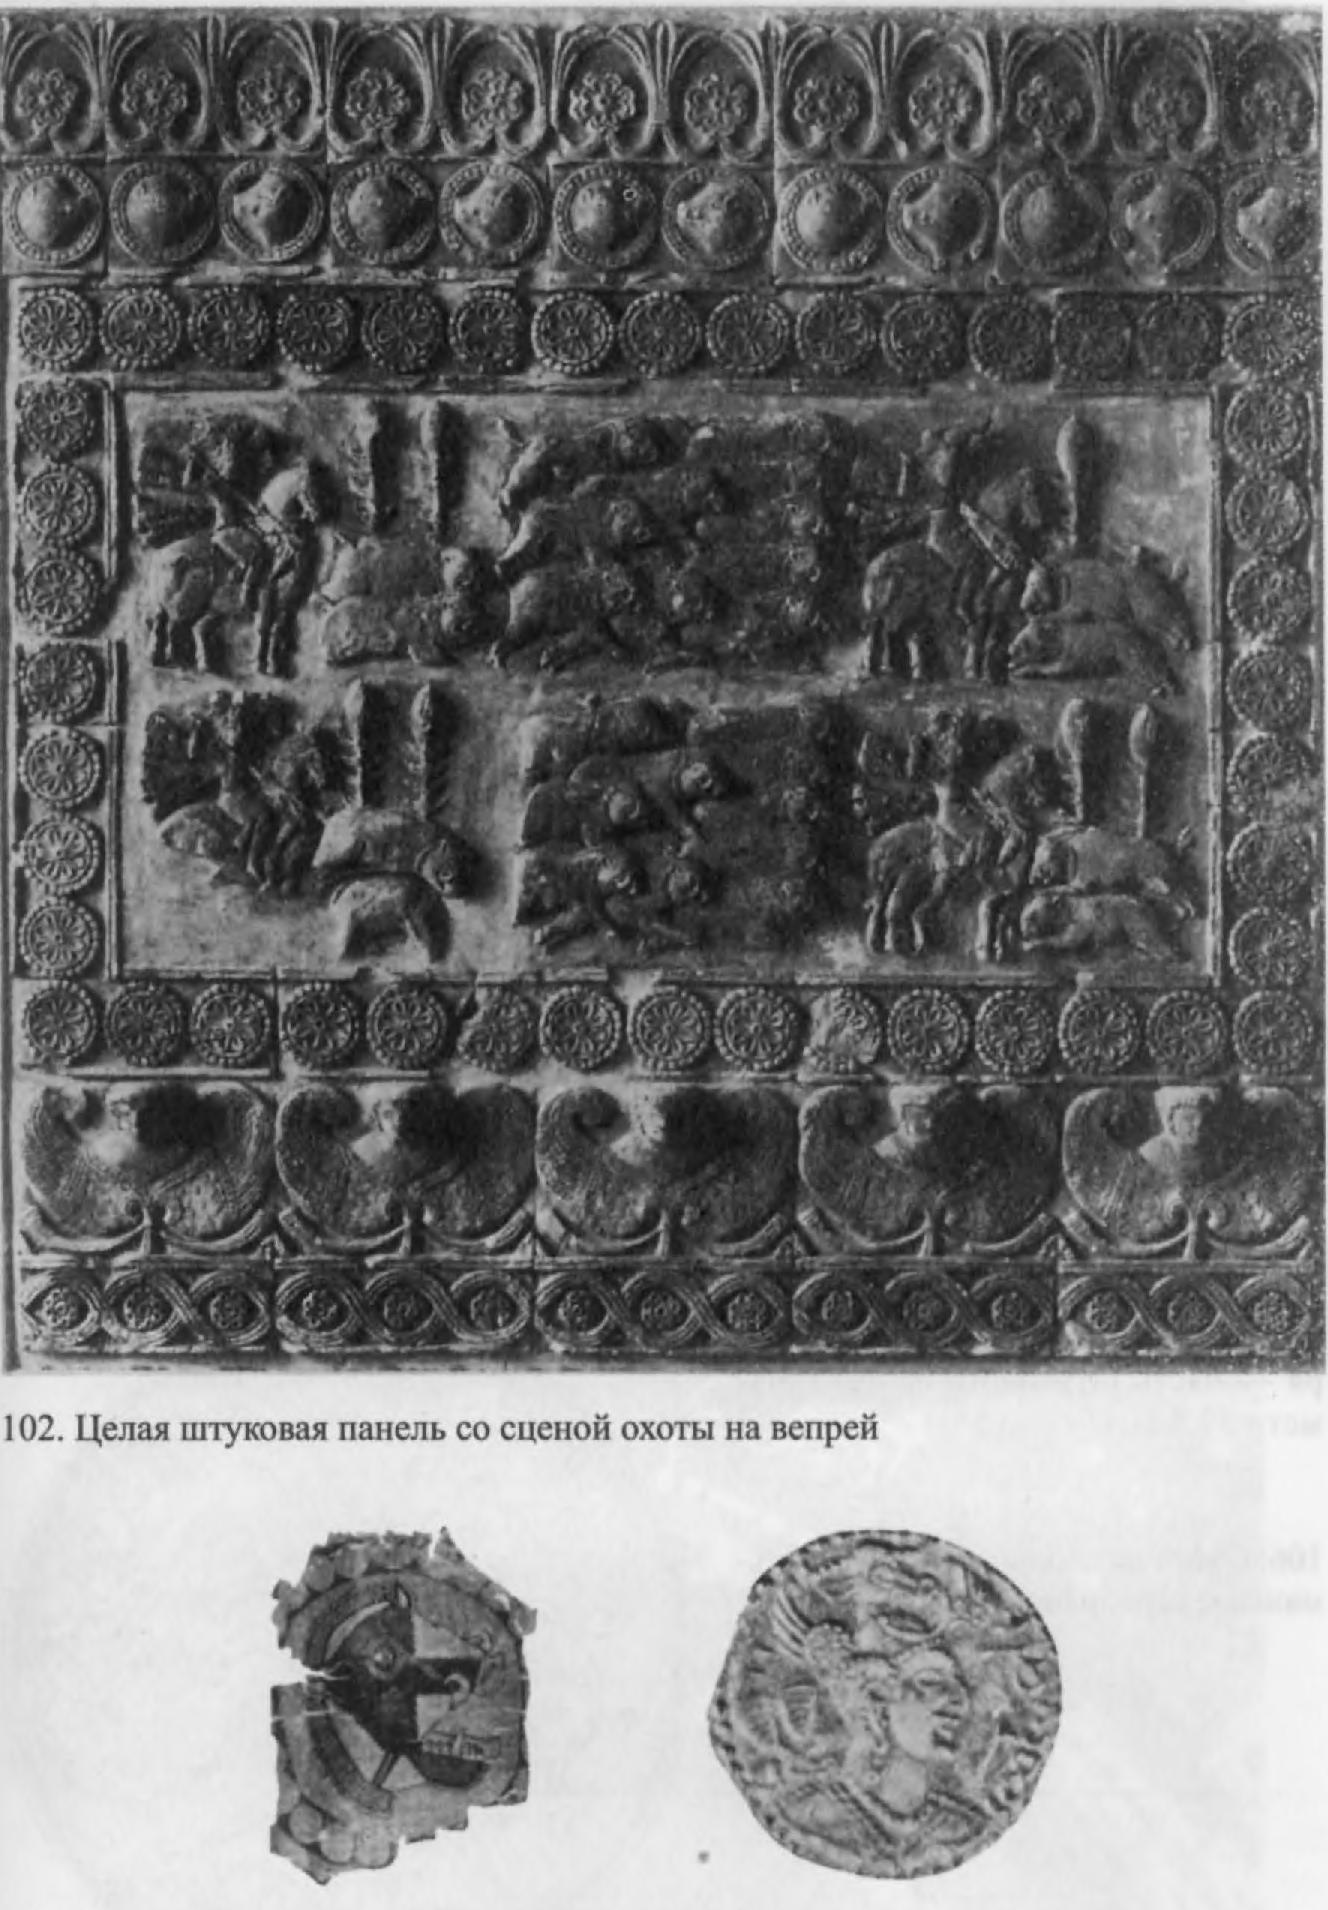 102. Целая штуковая панель со сценой охоты на вепрей   103. Голова кабана на сасанидском шелке из Астаны 104. «Бычий» головной убор на монетах так называемого «Напки Малкаи